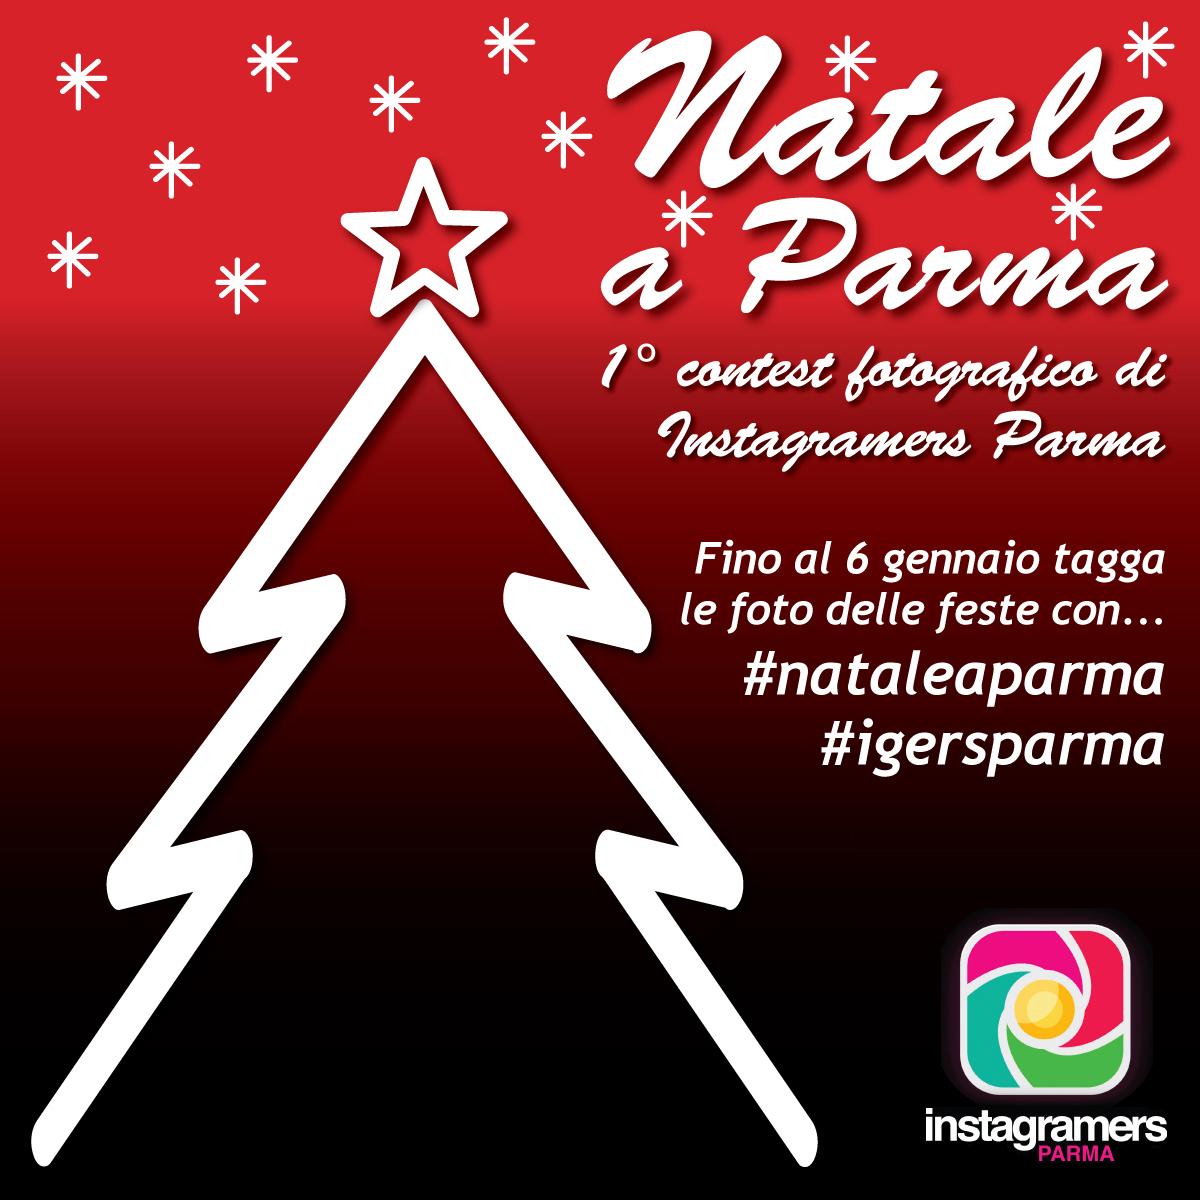 #nataleaparma: il primo instagram contest di @igersparma